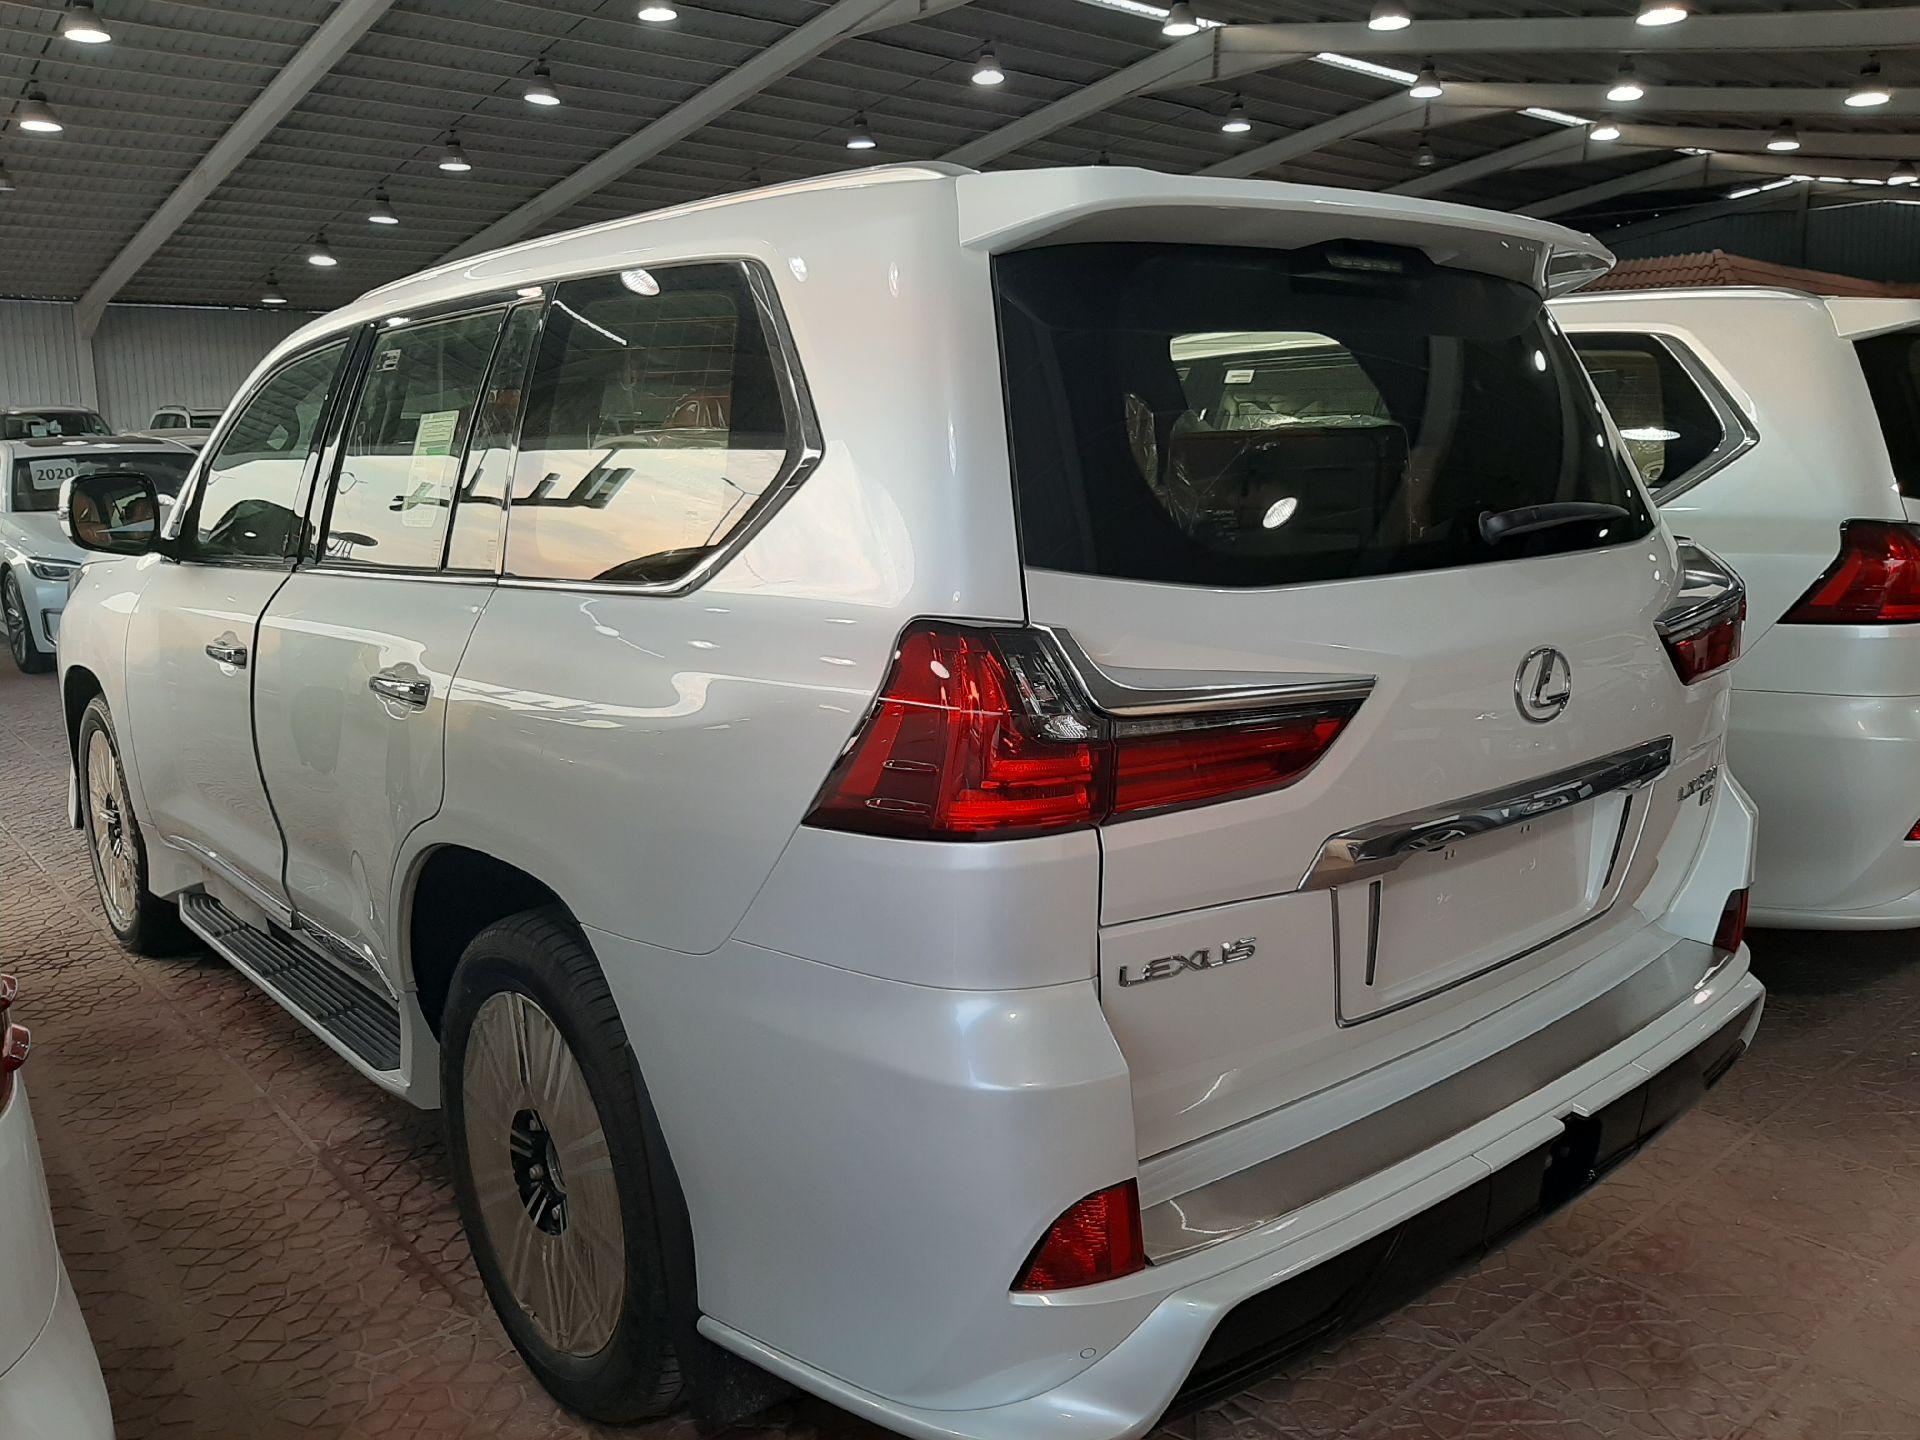 مباع - لكزس LX570  دايموند 2020 خليجي فل جديد للبيع في الرياض - السعودية - صورة كبيرة - 4